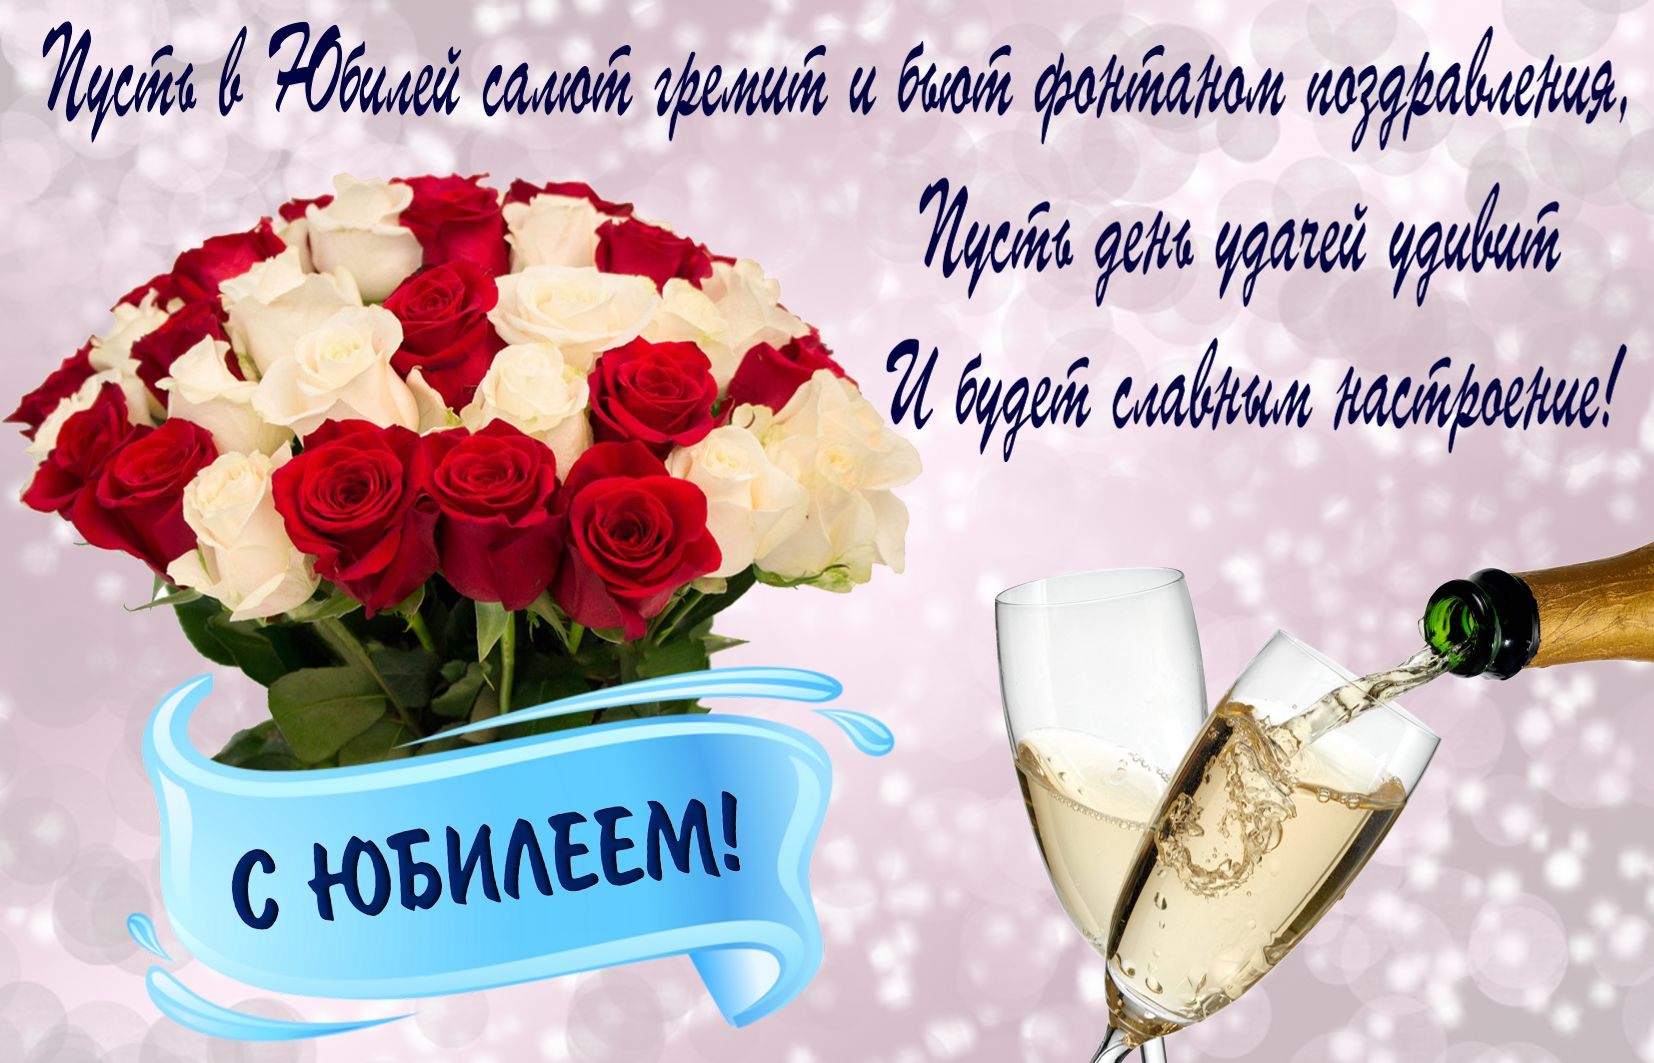 Поздравление с днем рождения с юбилеем для женщины